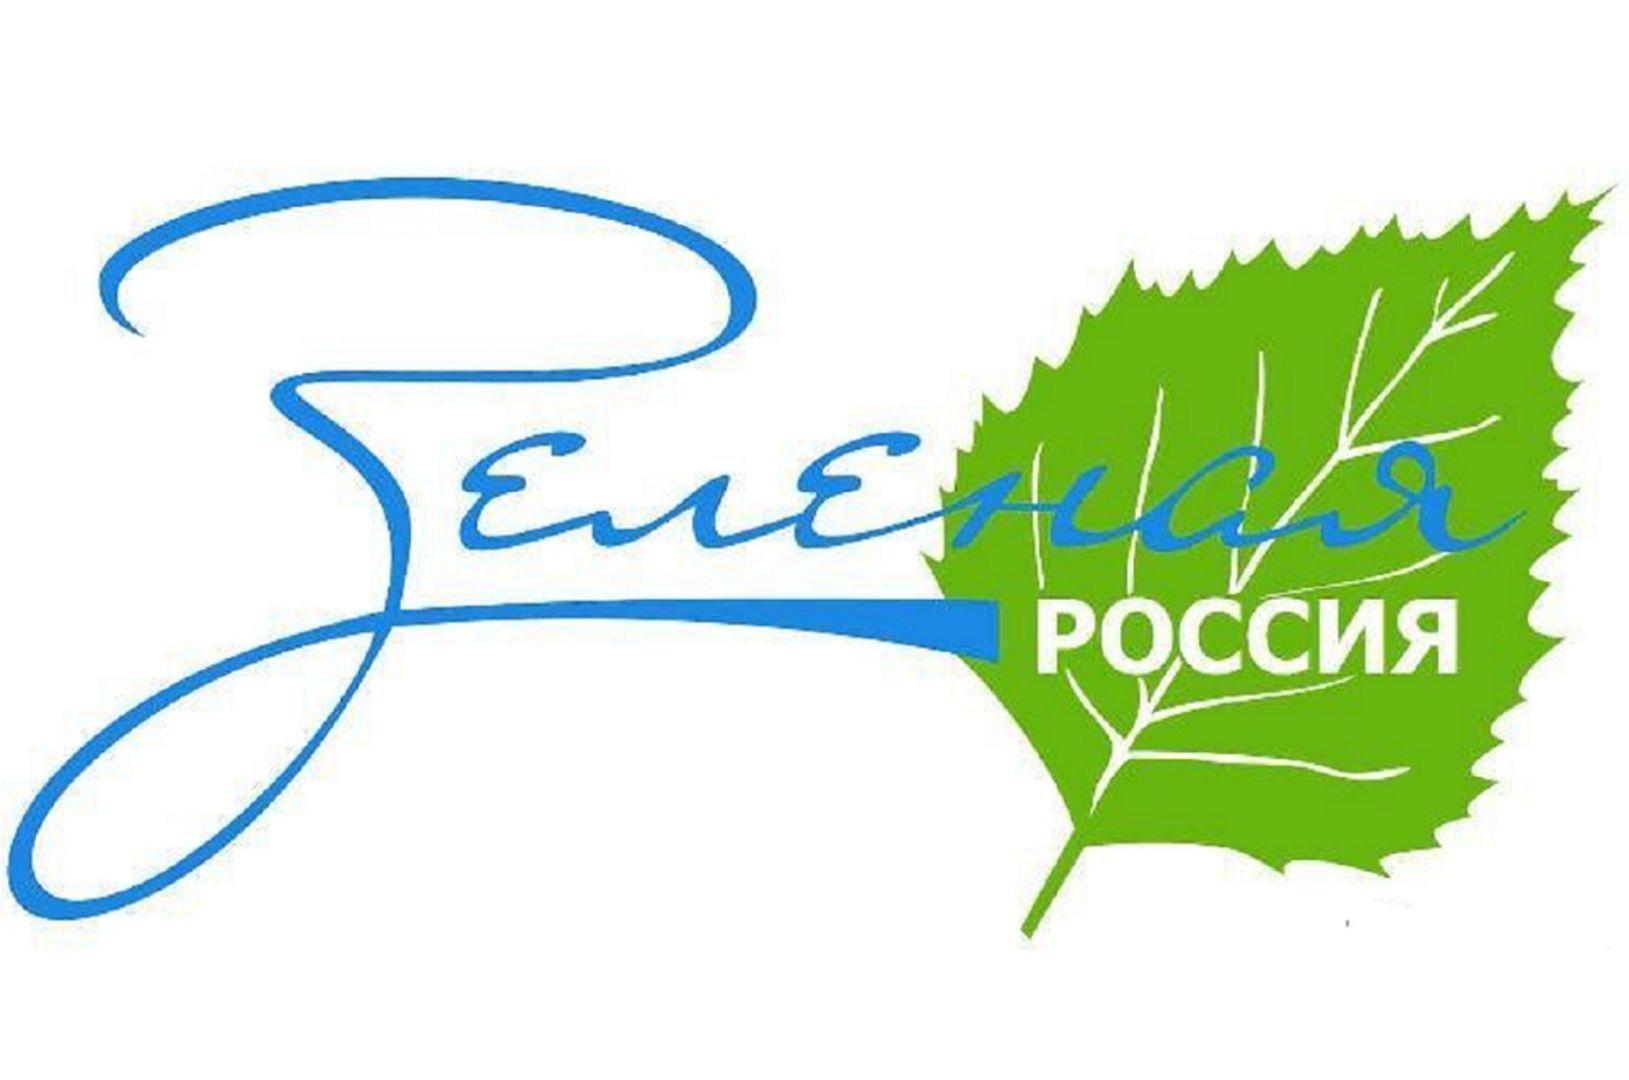 ВСтаврополе прошёл субботник «Зелёная Россия»